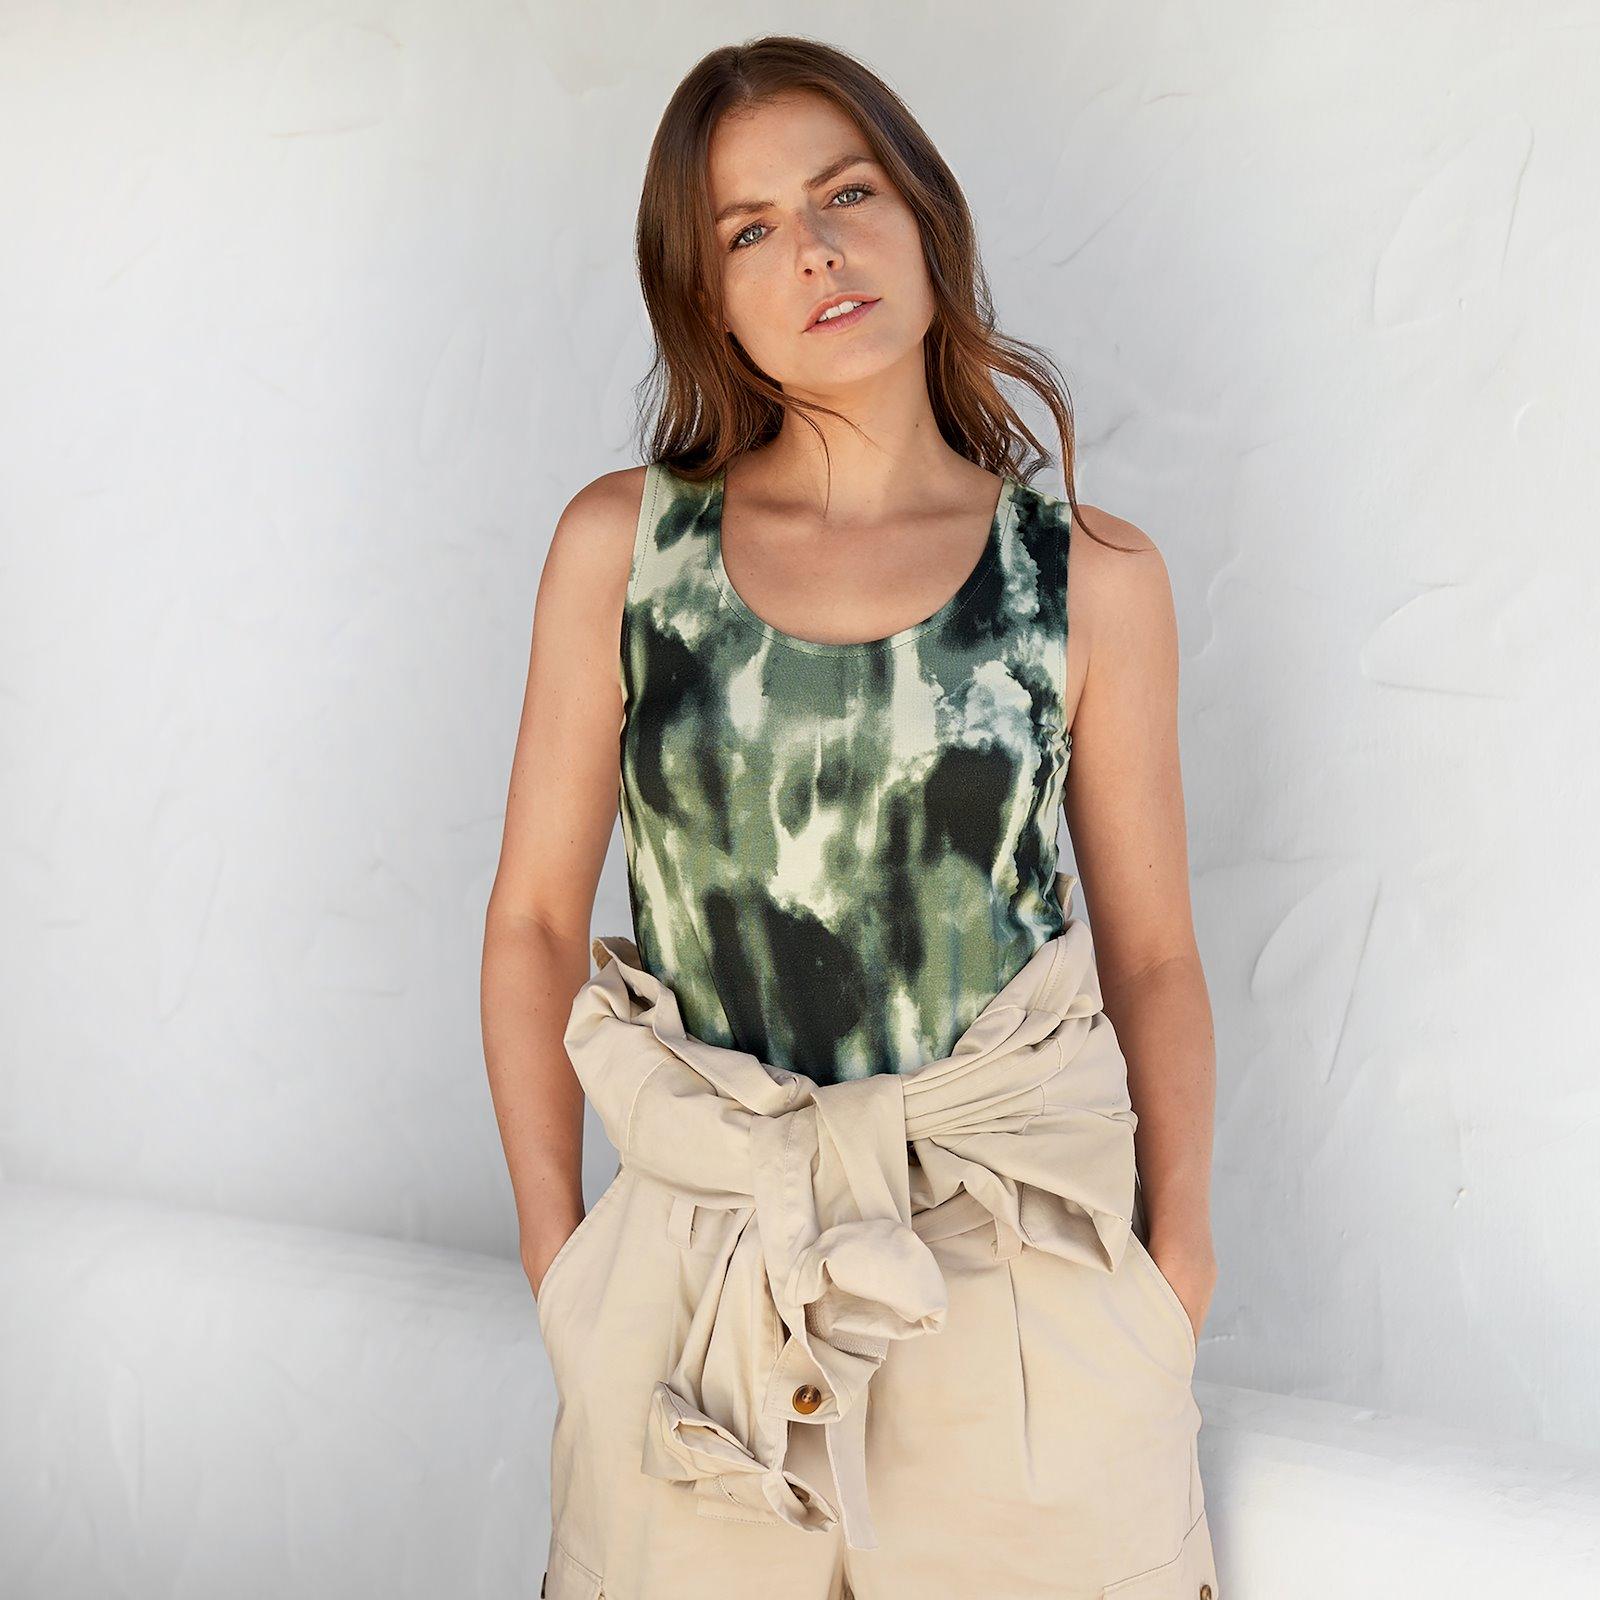 Top and dress, 38/10 p20055_420414_40231_p22071_272691_bundle